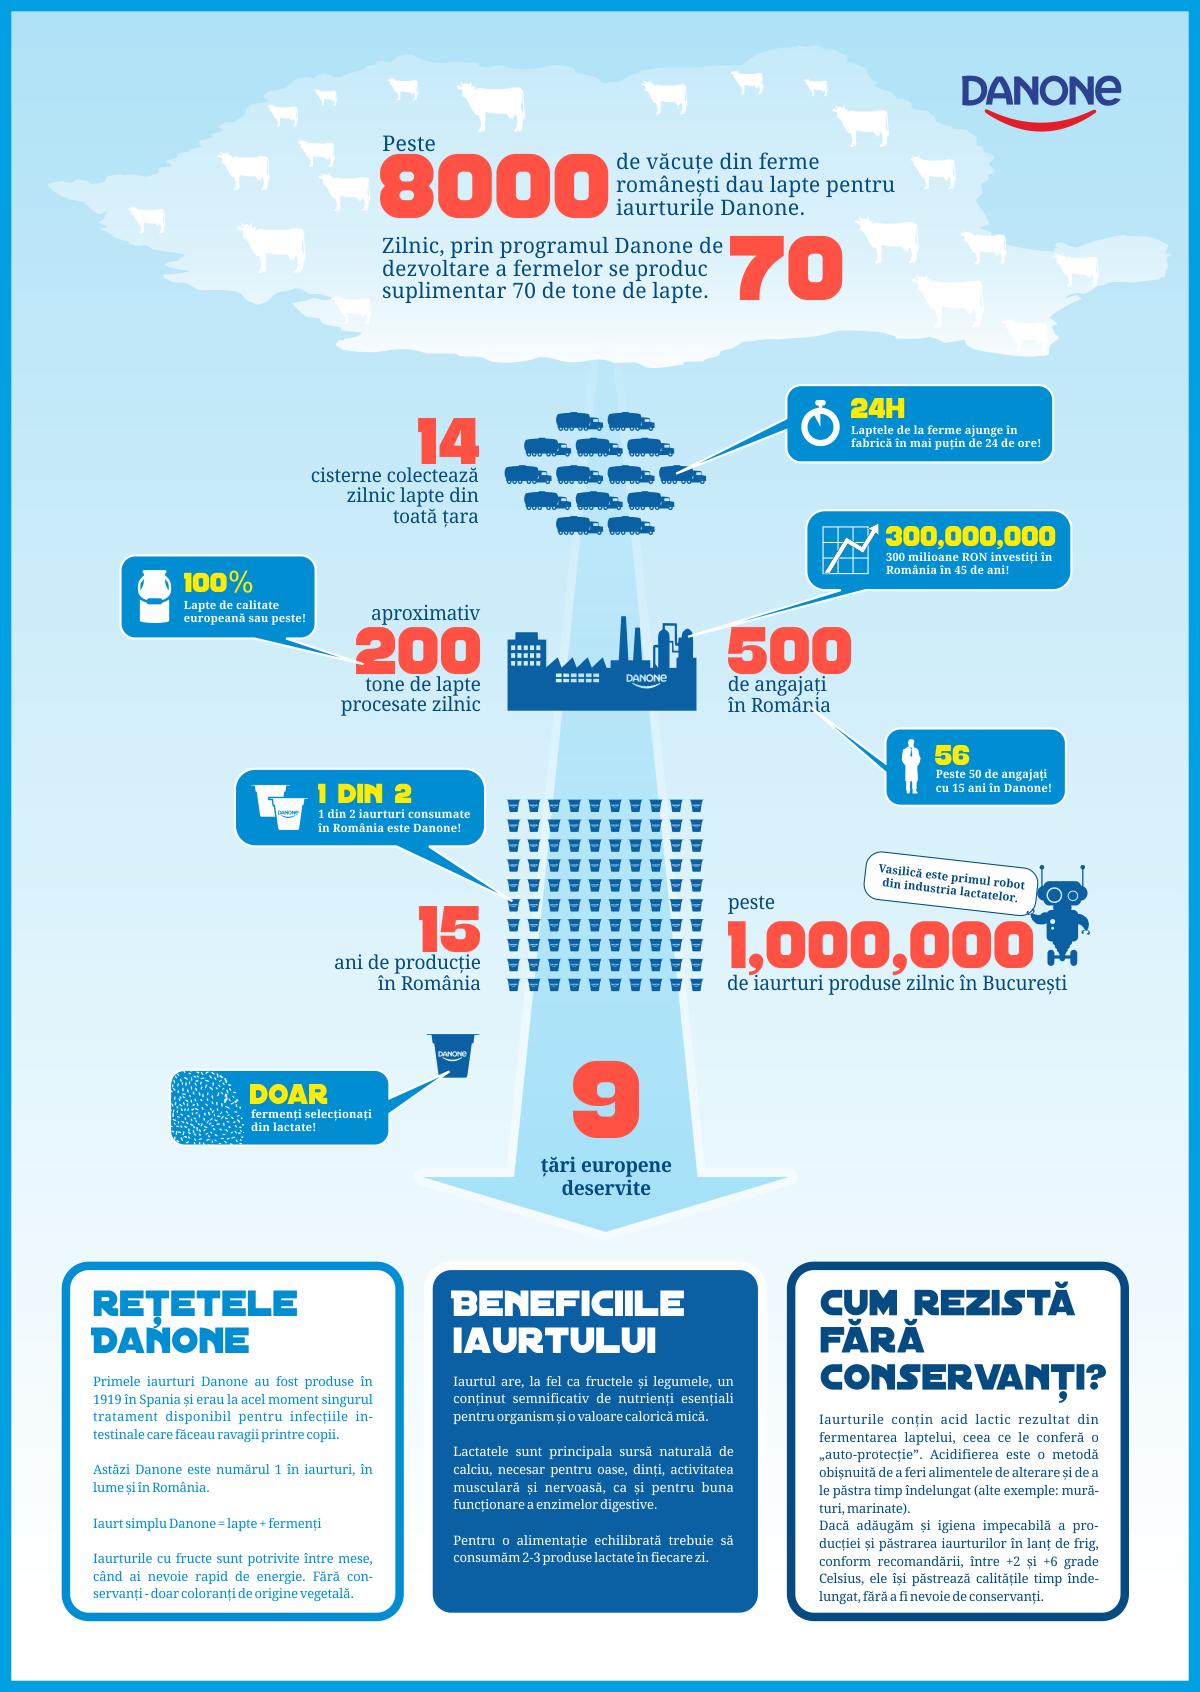 Infografic Danone - Danone - lucruri nestiute